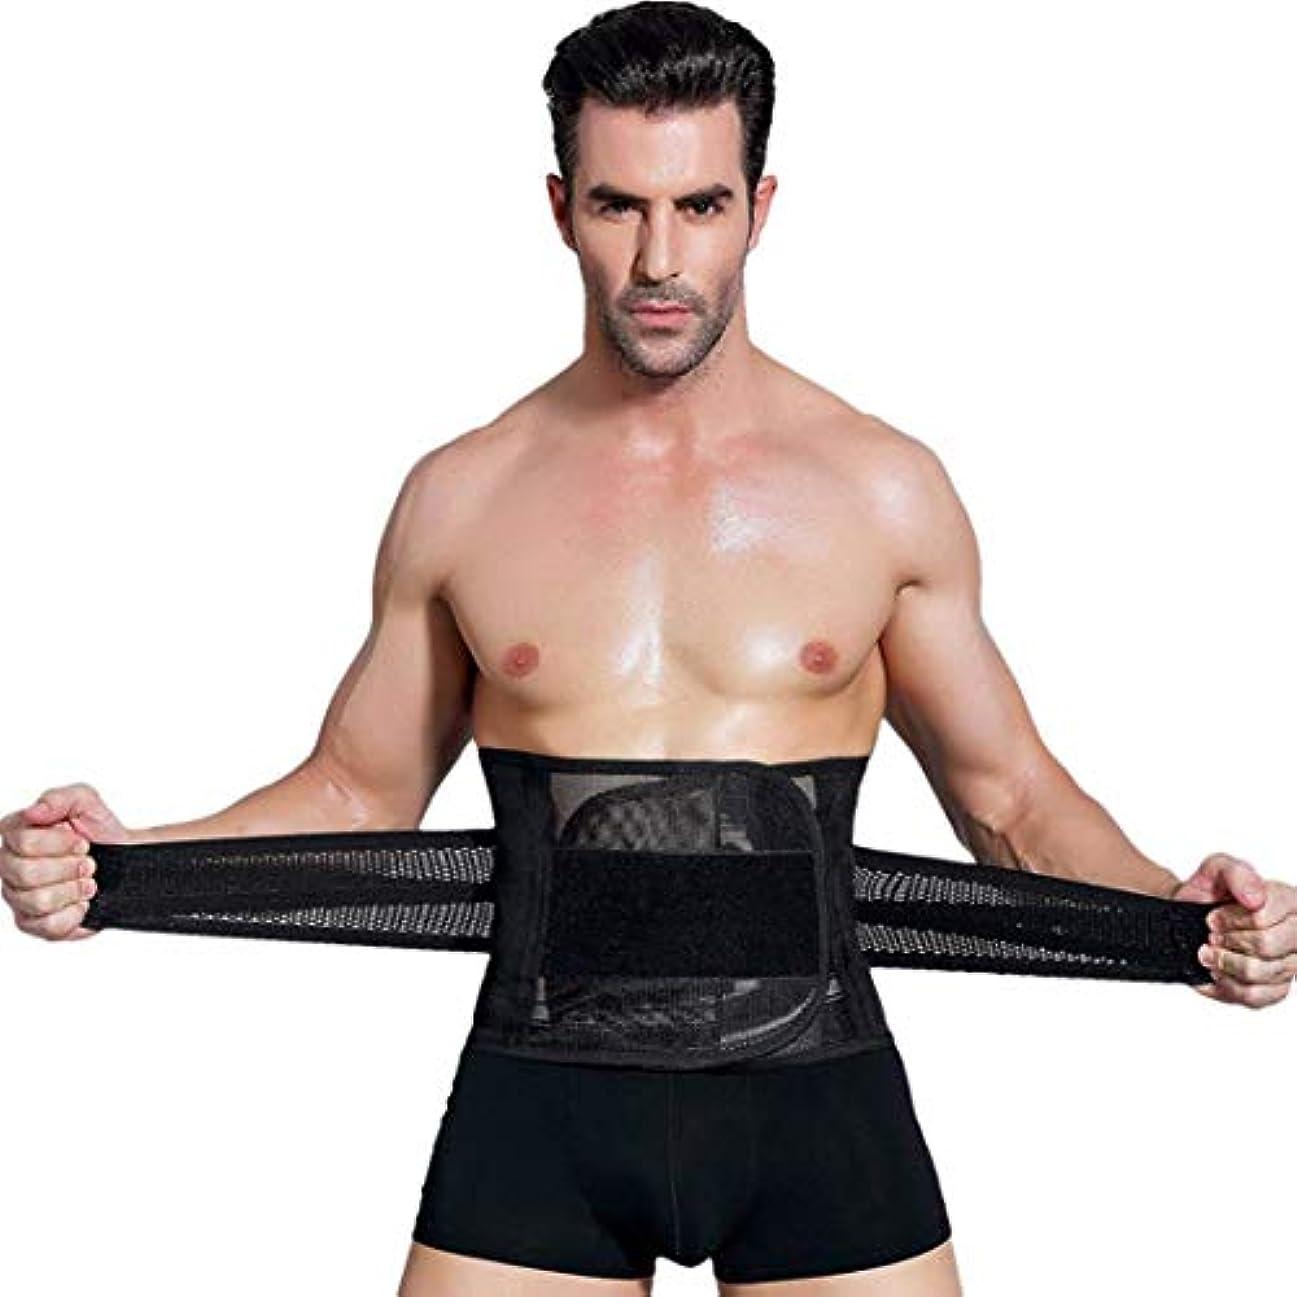 正確に子音省男性ボディシェイパーコルセット腹部おなかコントロールウエストトレーナーニッパー脂肪燃焼ガードル痩身腹ベルト用男性 - ブラックXXL